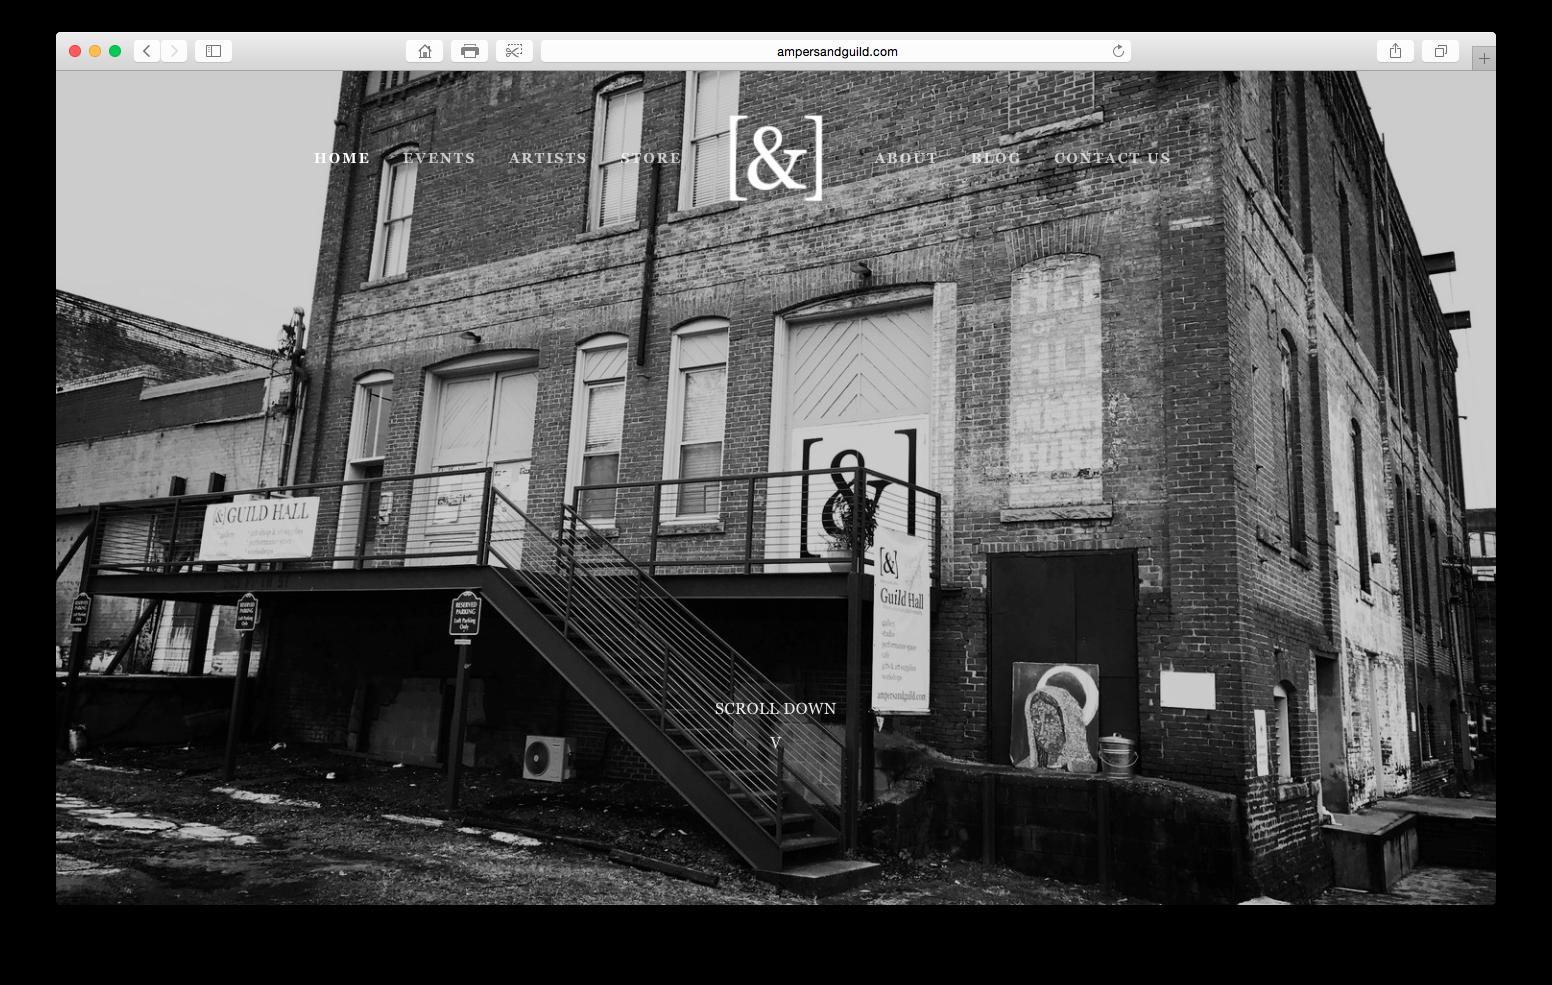 Screen Shot 2017-02-17 at 11.54.40 AM.png